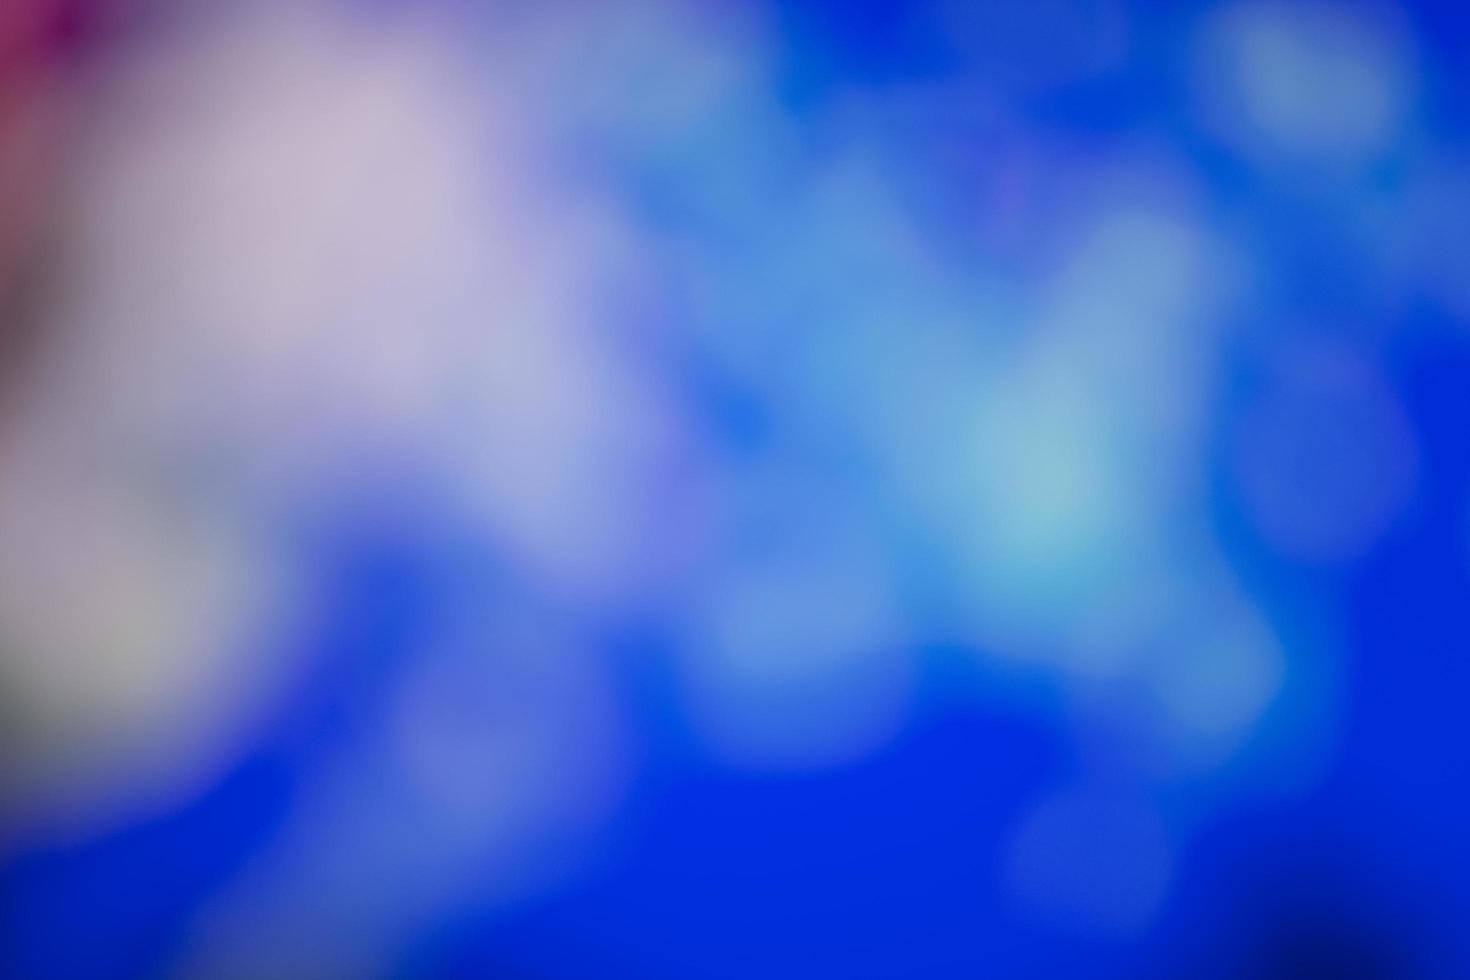 kleurrijke bokeh achtergrond foto